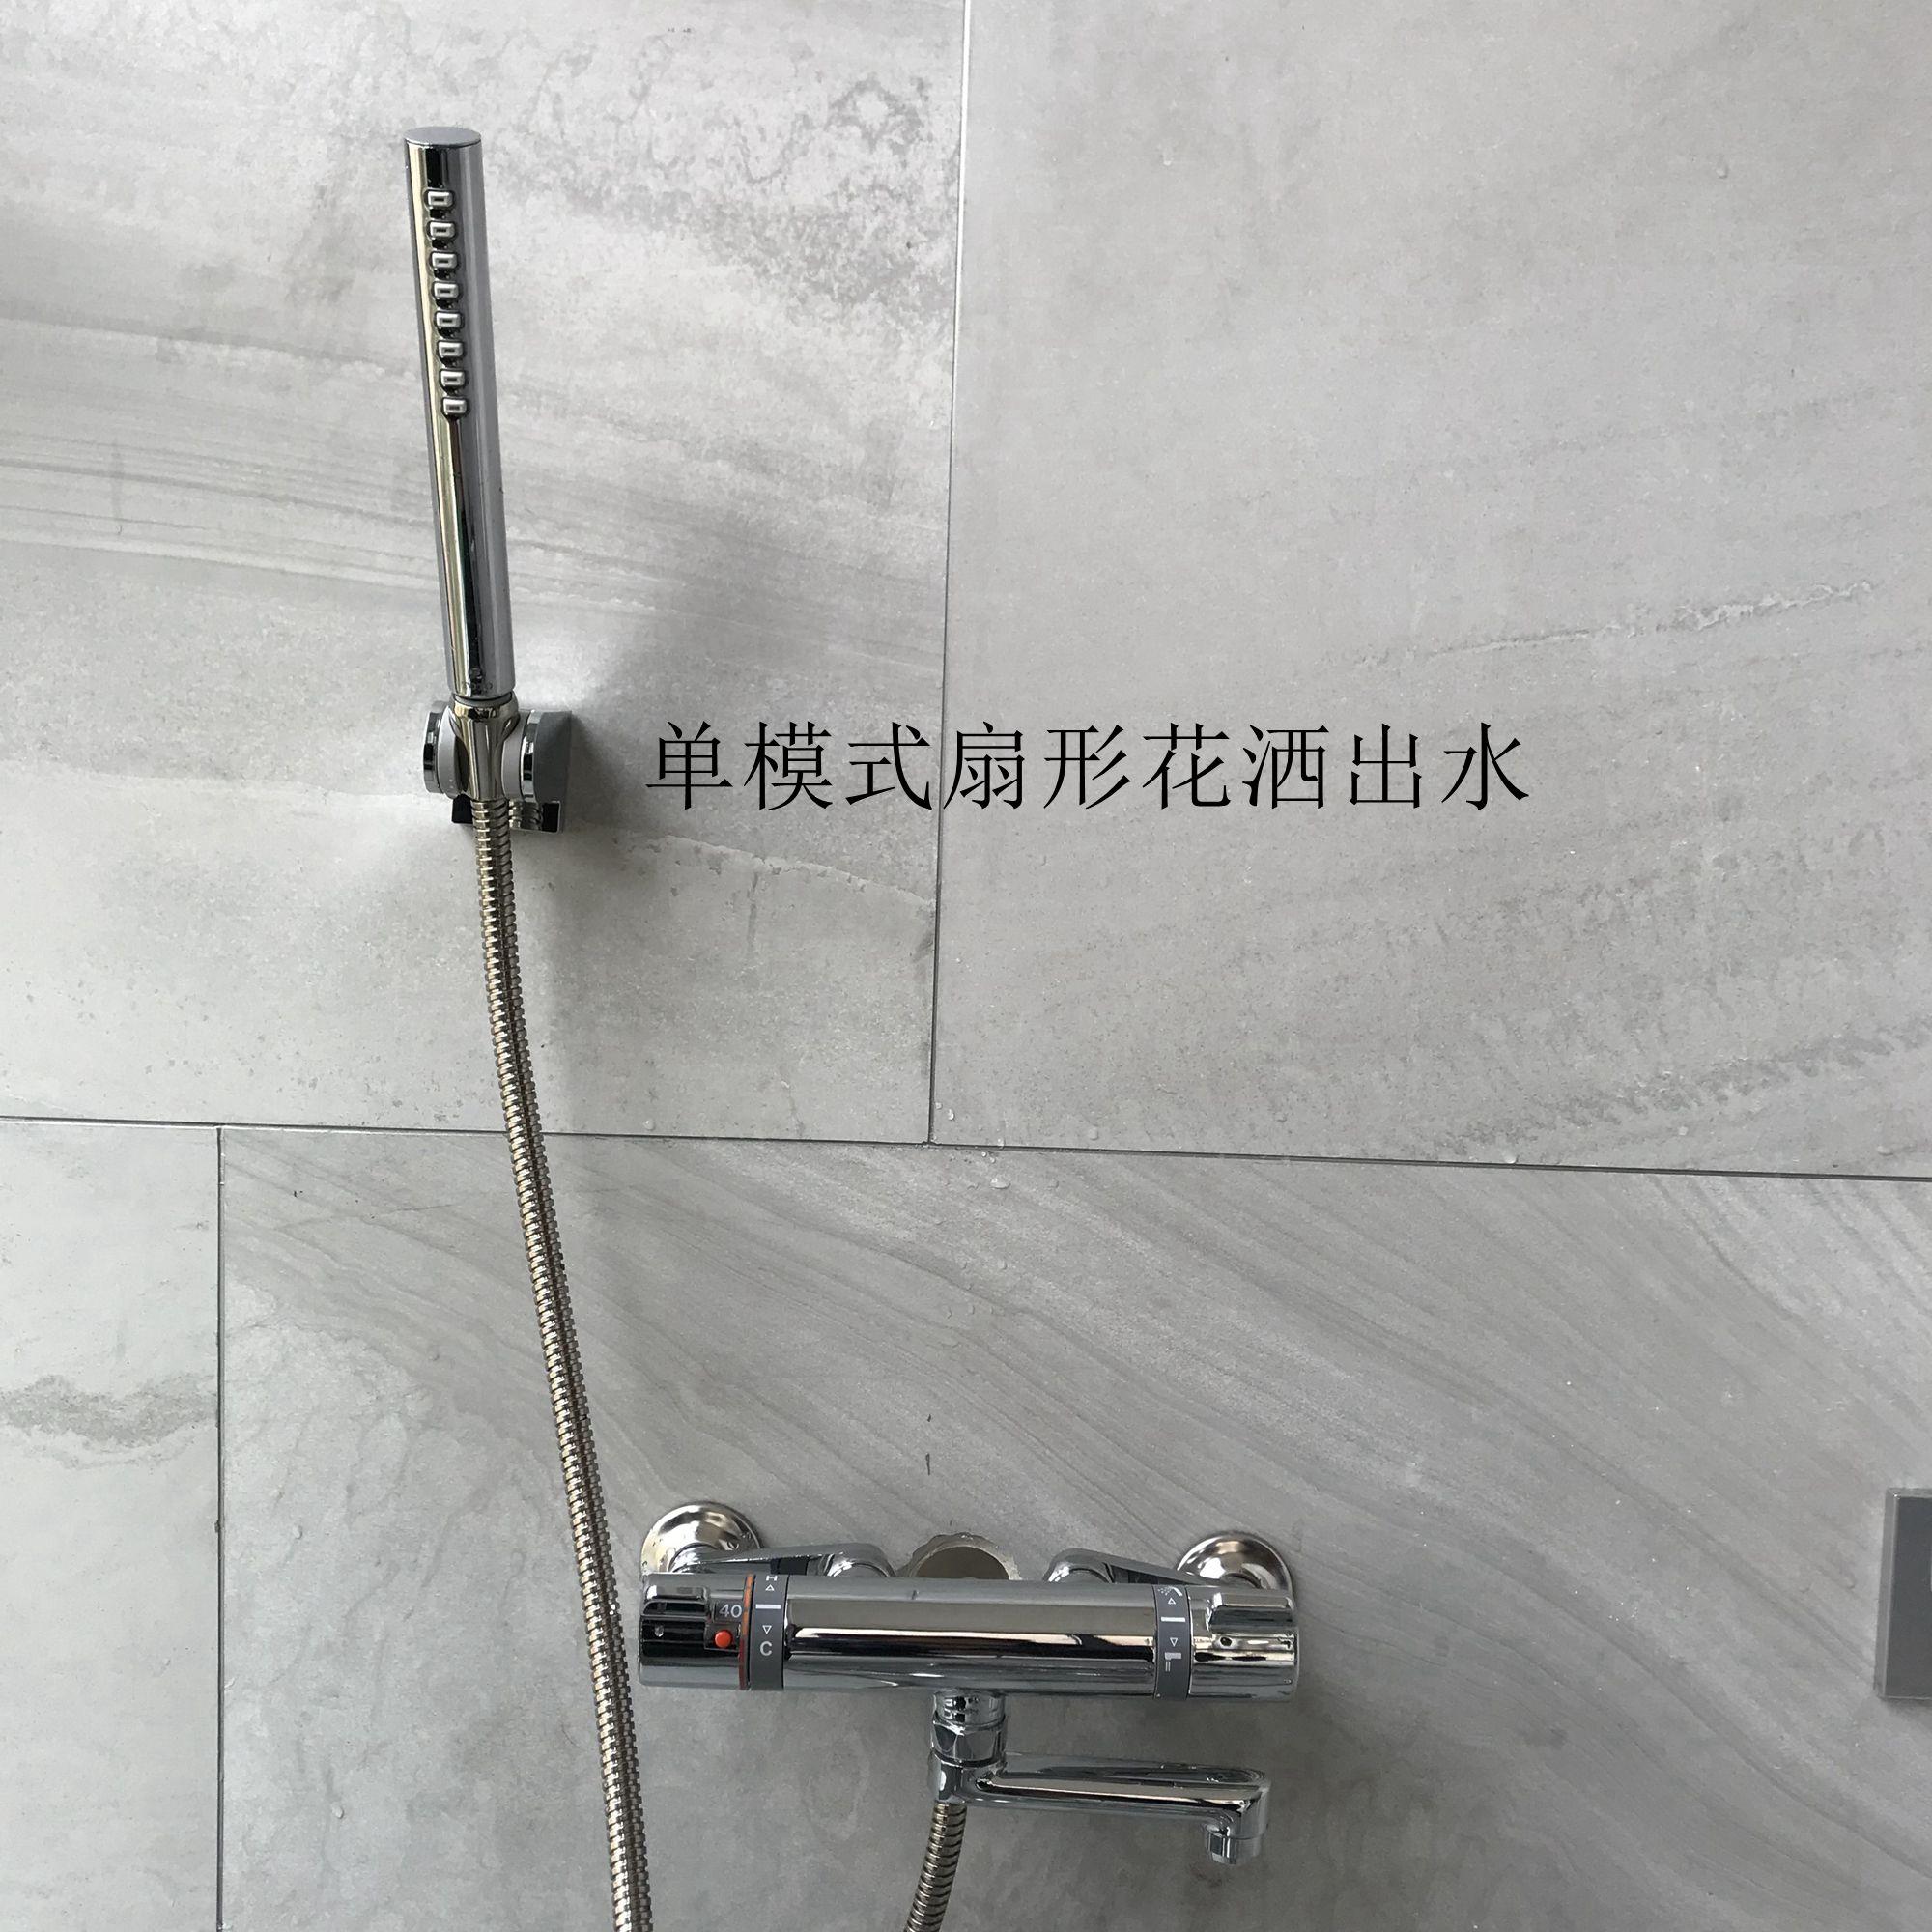 日本进口恒温淋浴浴缸单花洒龙头套装